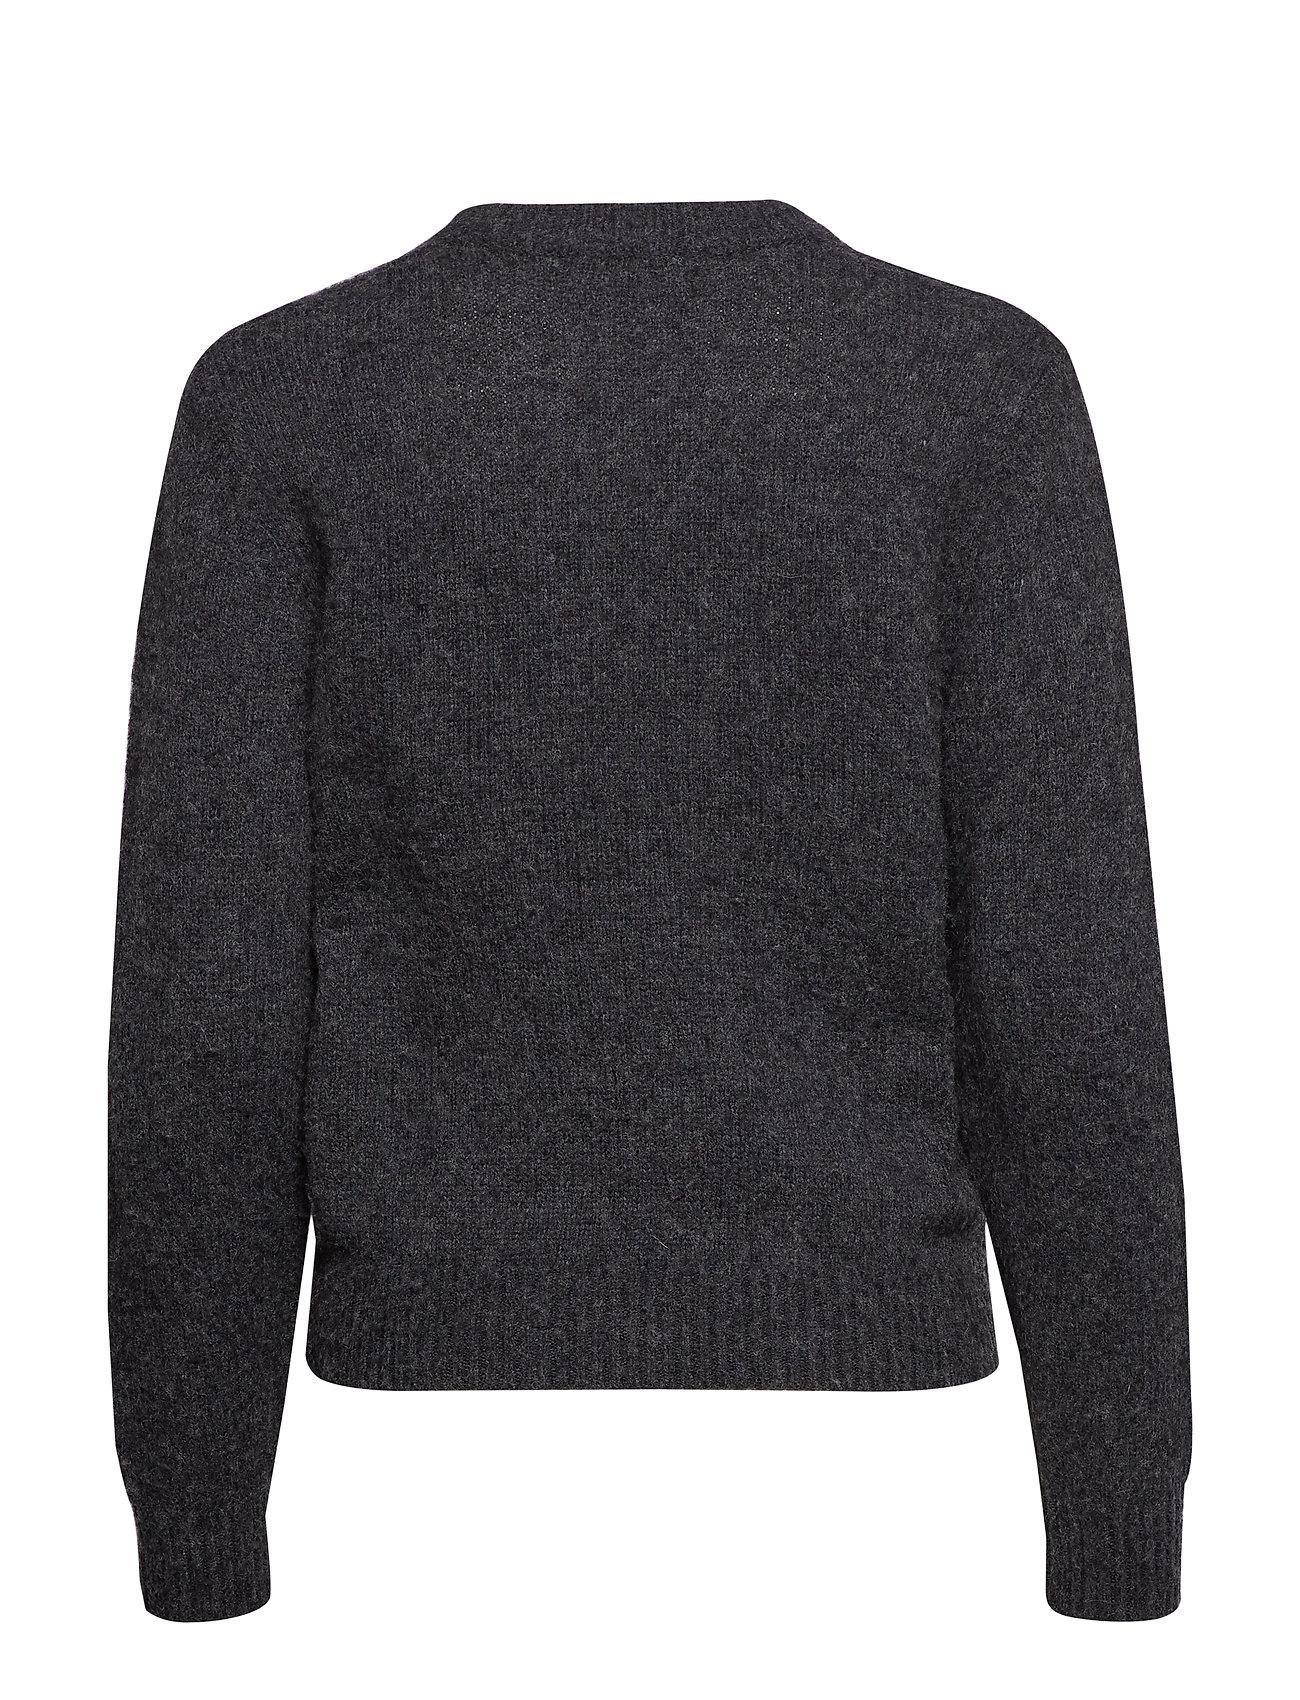 MelTiger Mayamed Grey Sweden Jeans Of 9EWDIYH2